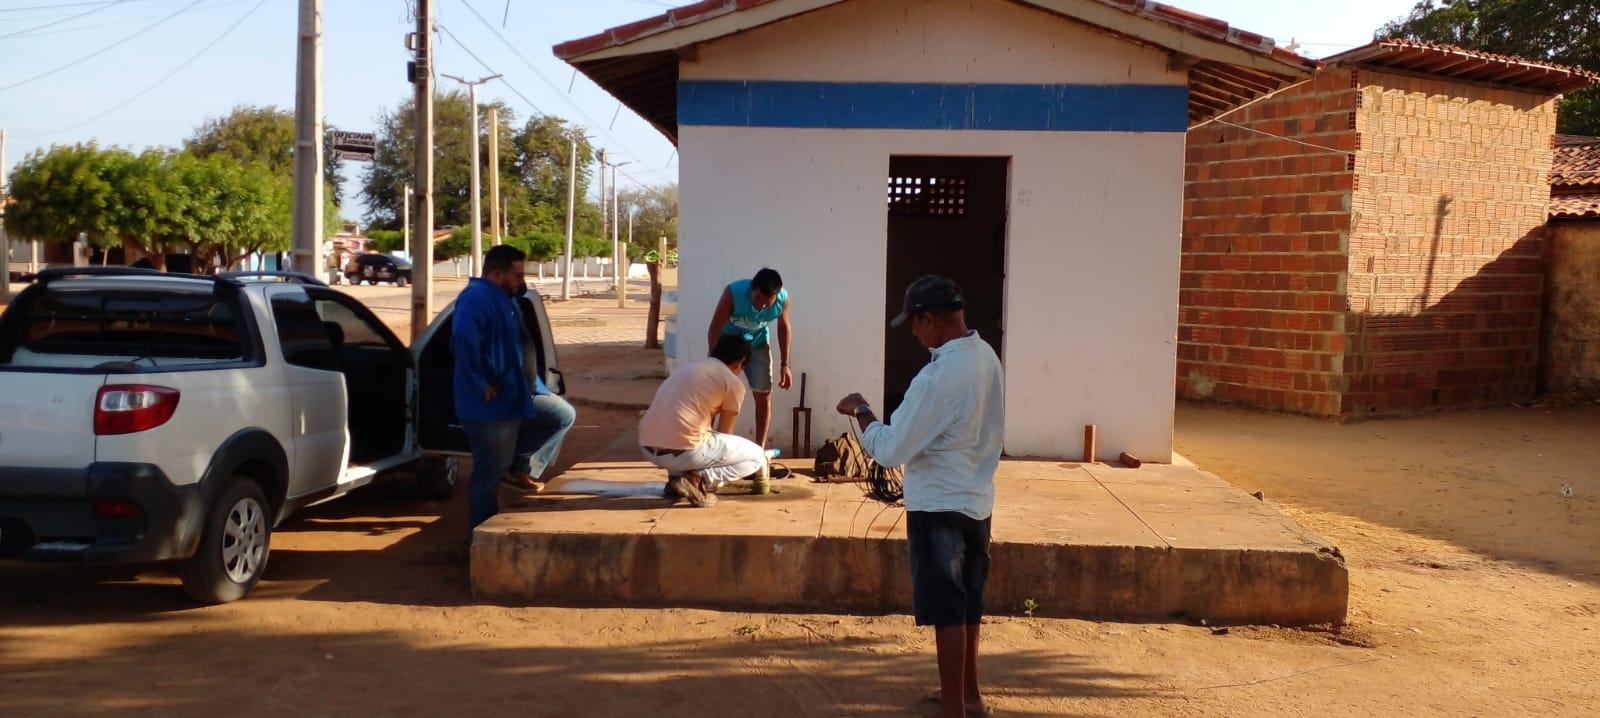 Secretaria de Agricultura realiza diversas ações na zona rural nesta segunda